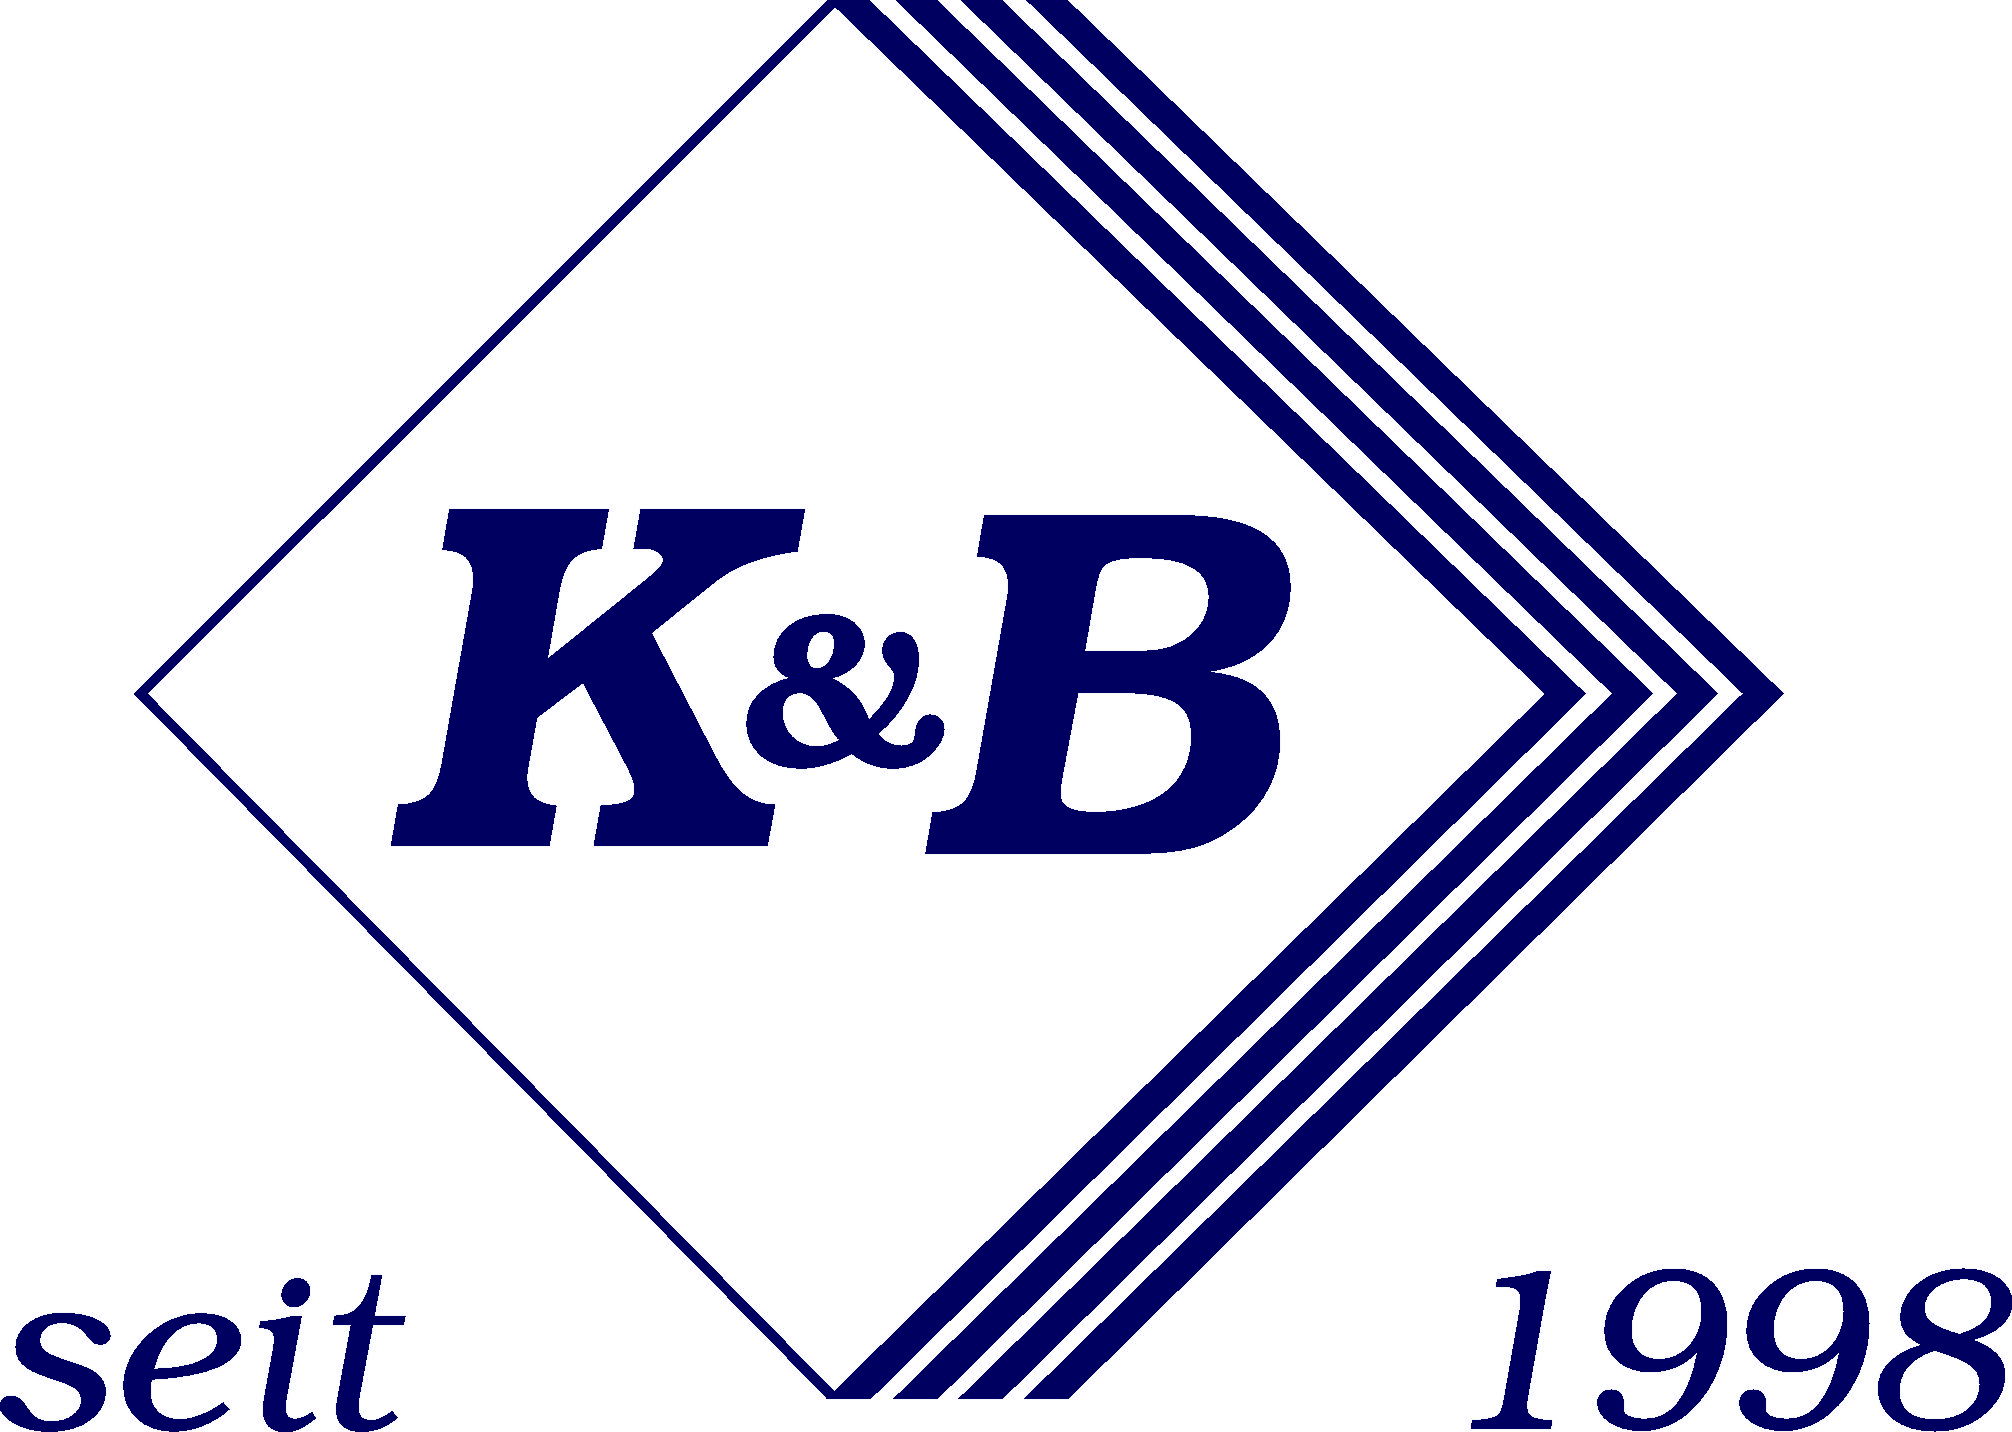 Koch benedict personaldienstleistungen gmbh neu isenburg for Koch personaldienstleistungen